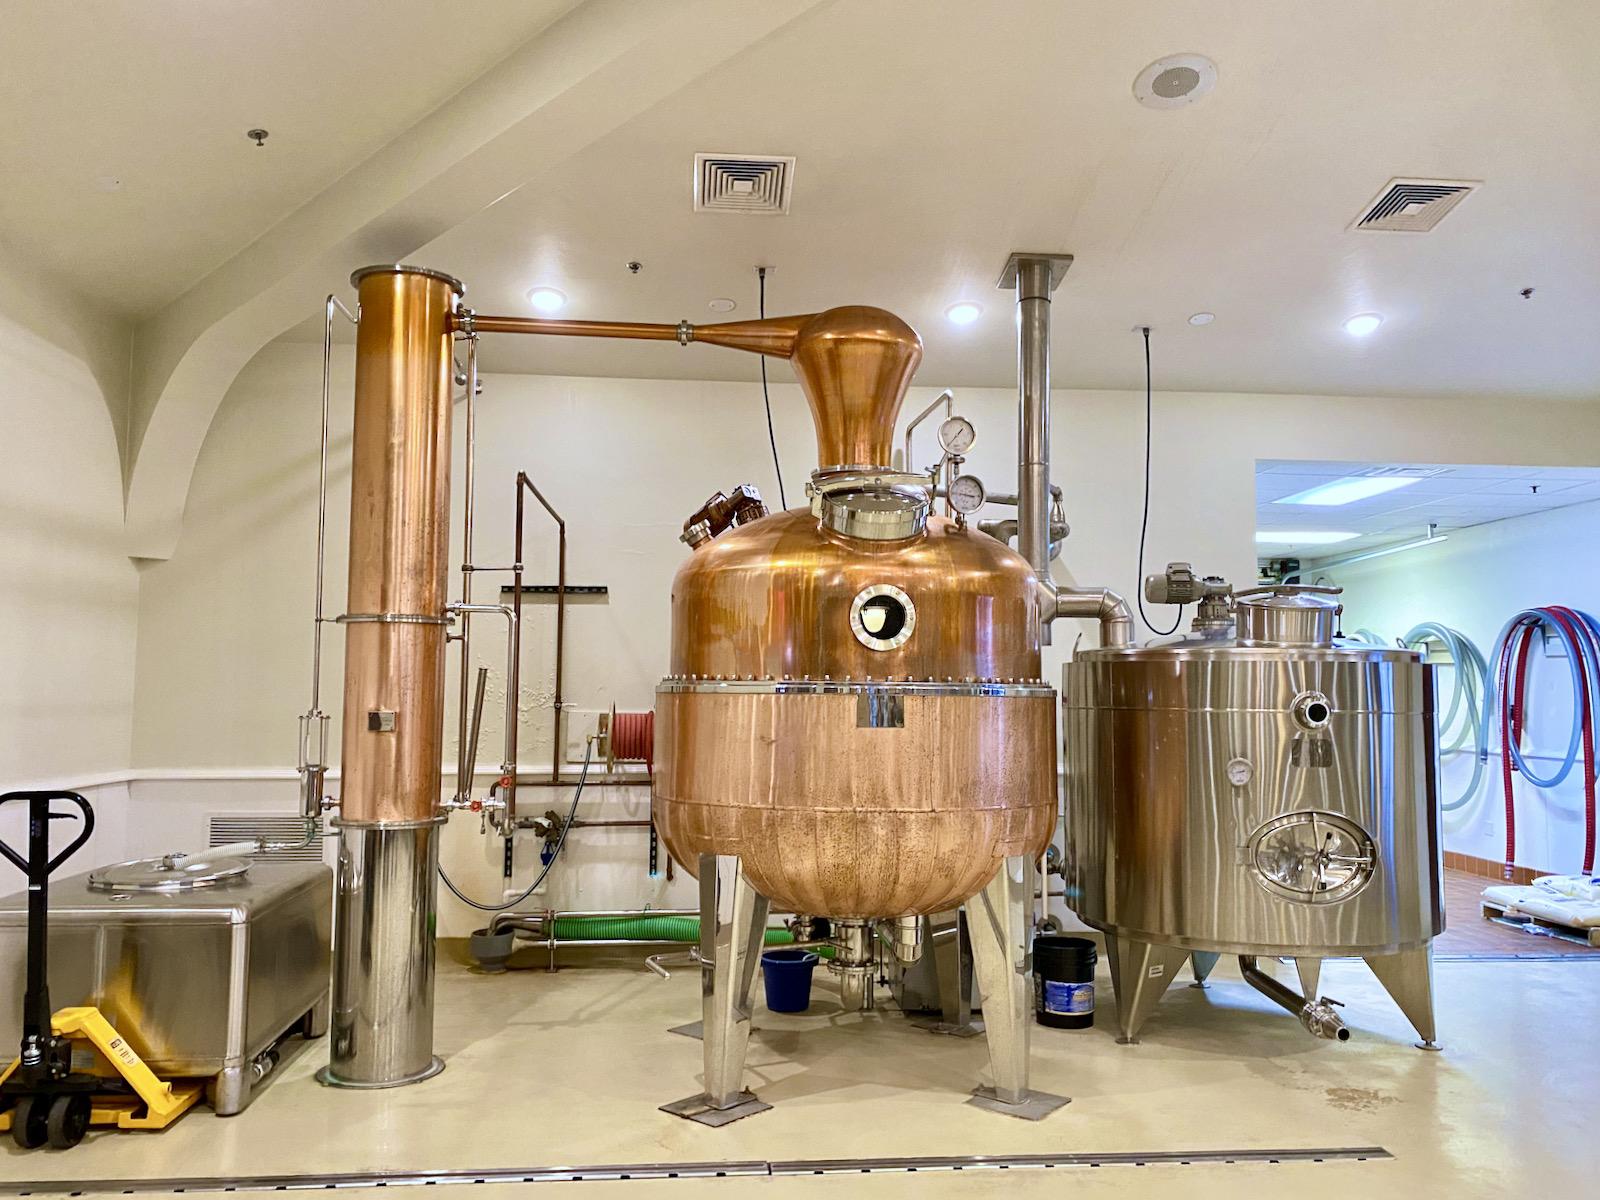 The still at Door County Distillery